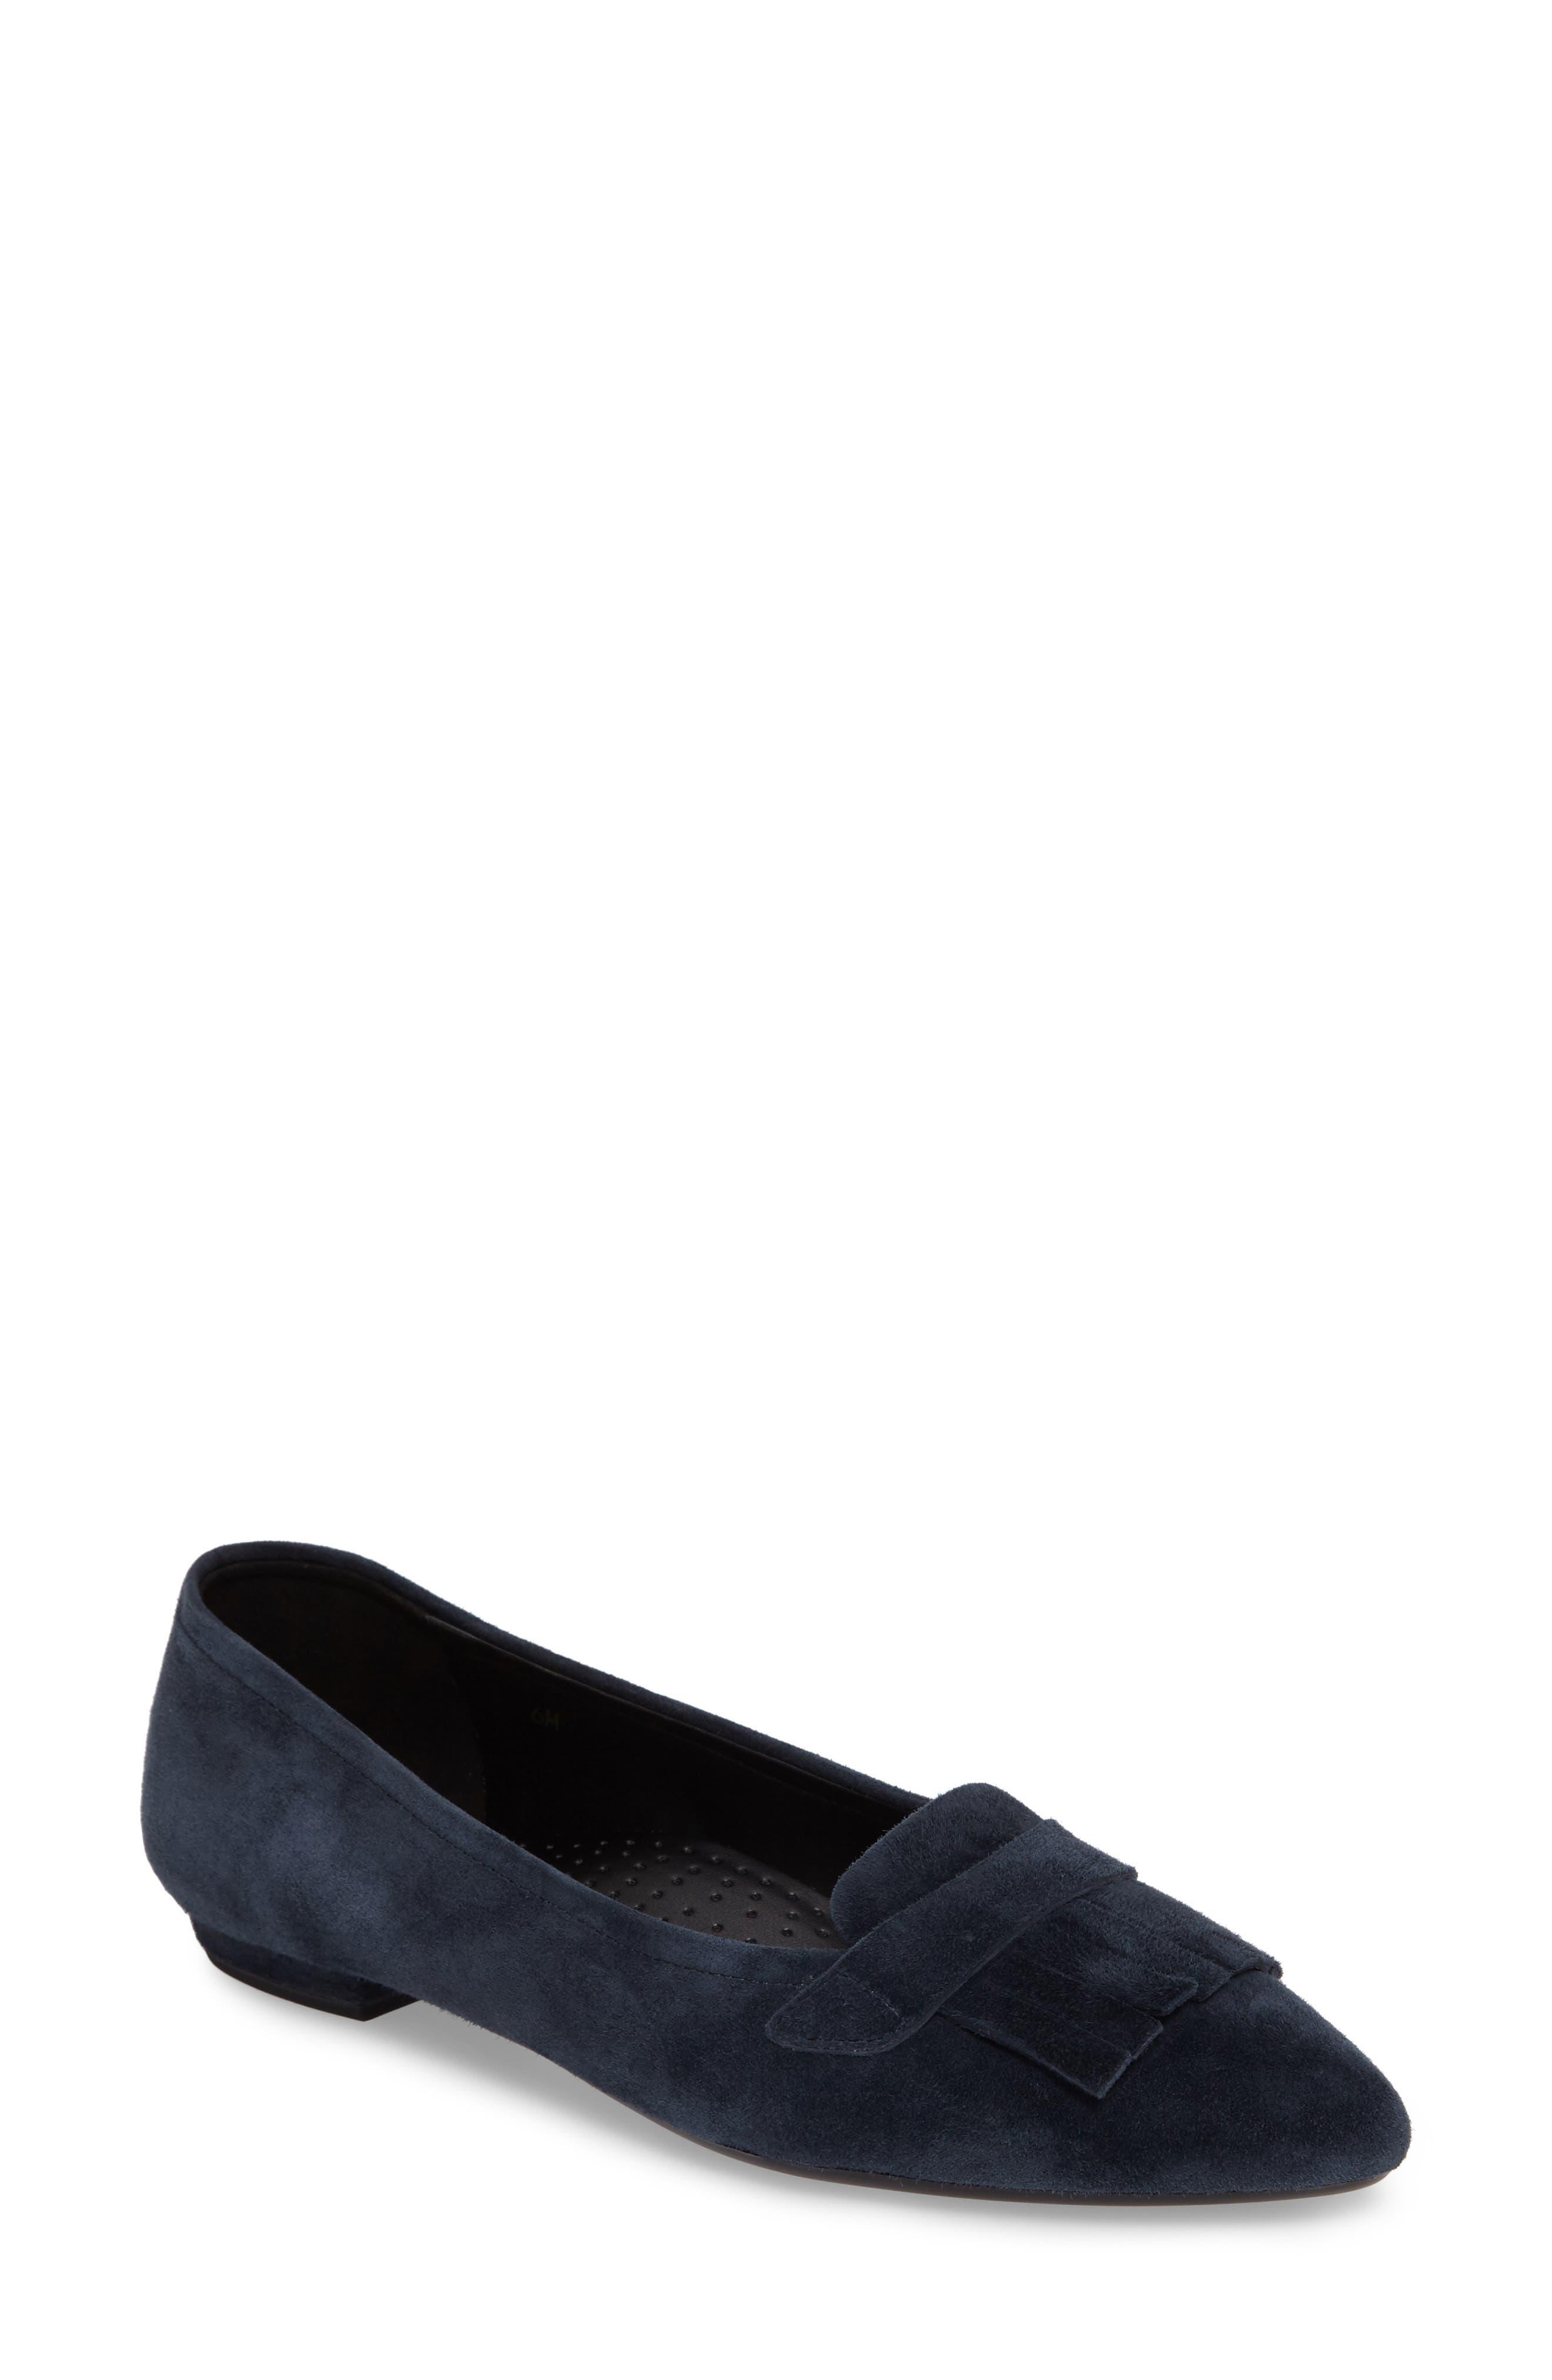 VANELi Gaea Loafer Flat (Women)